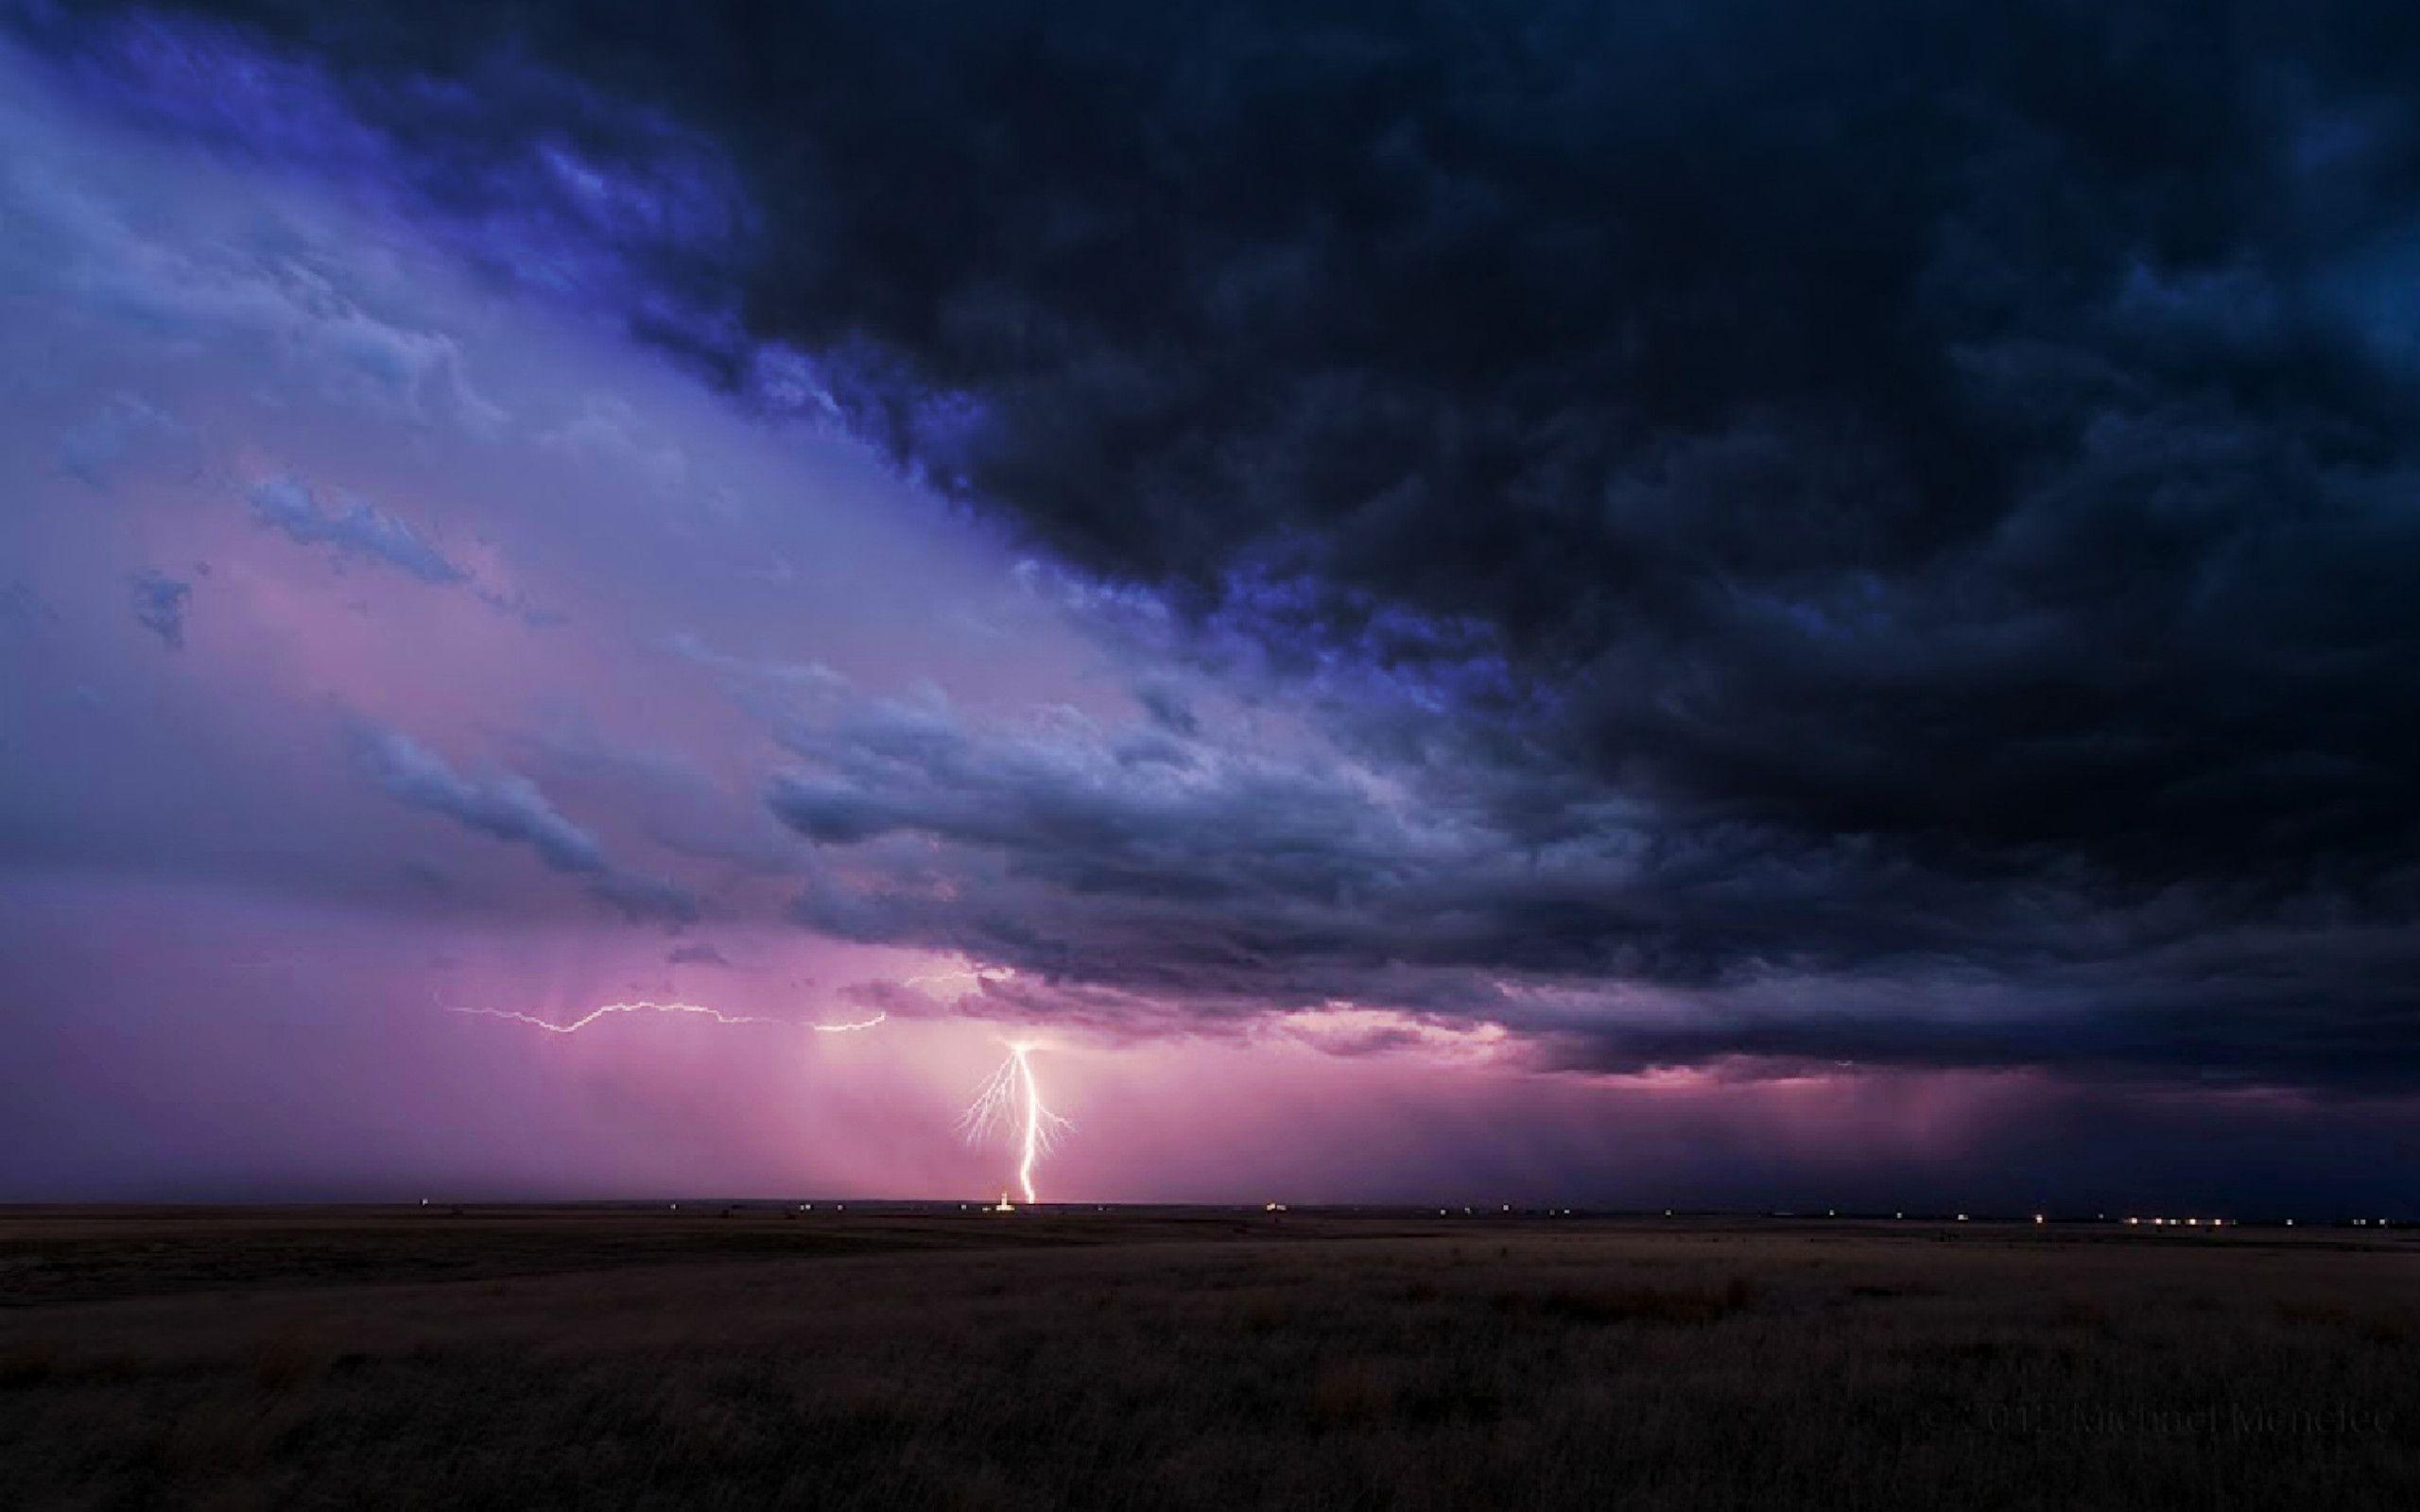 lightning strike wallpaper - photo #16